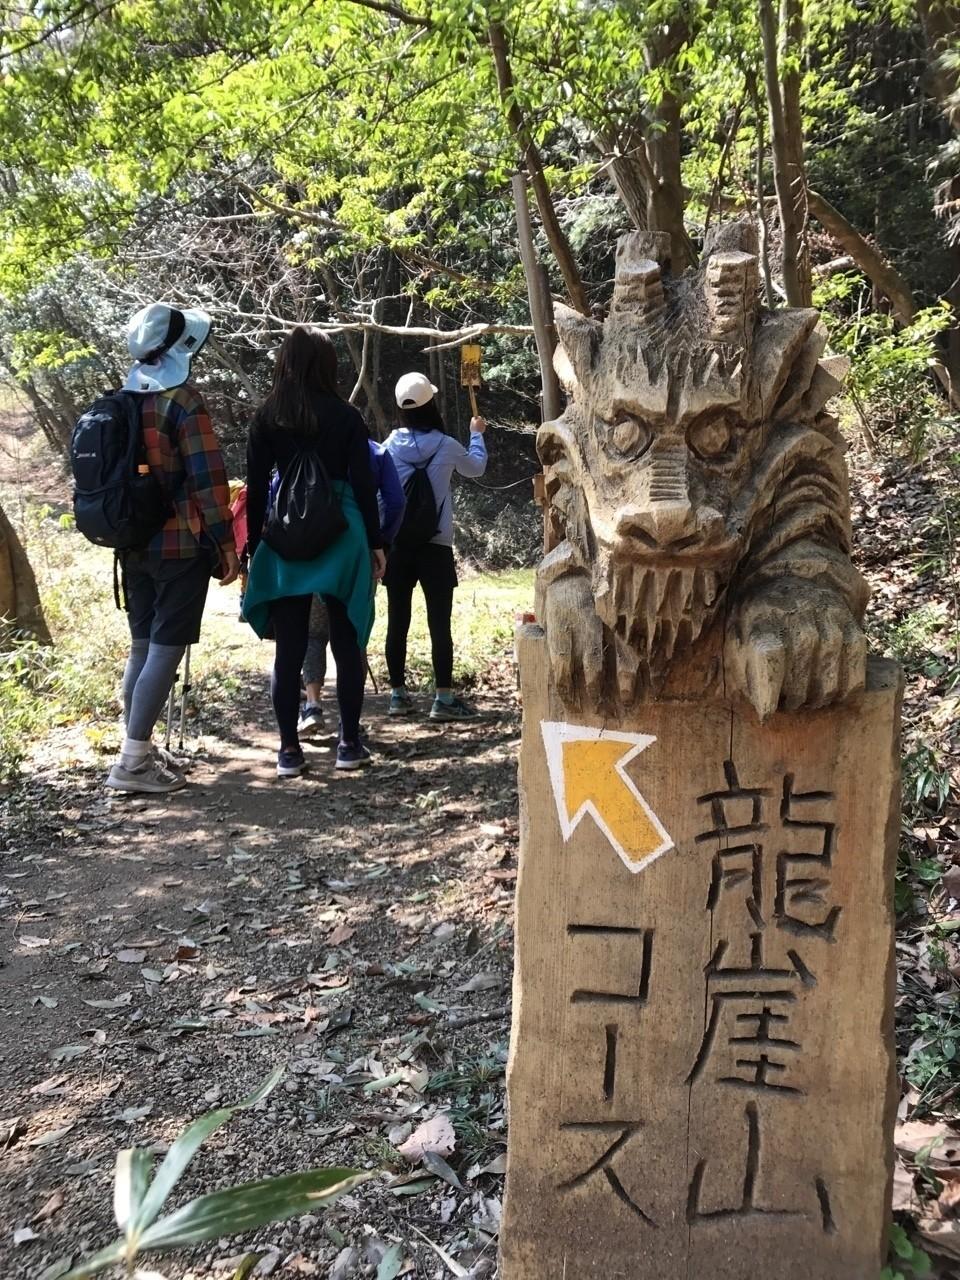 高ドッケ・柏木山の後は、そのまま龍崖山(りゅうがいさん)に向かいました。山ガールさん達ようこそ! さすが、ヤマノススメの聖地、飯能って感じです。